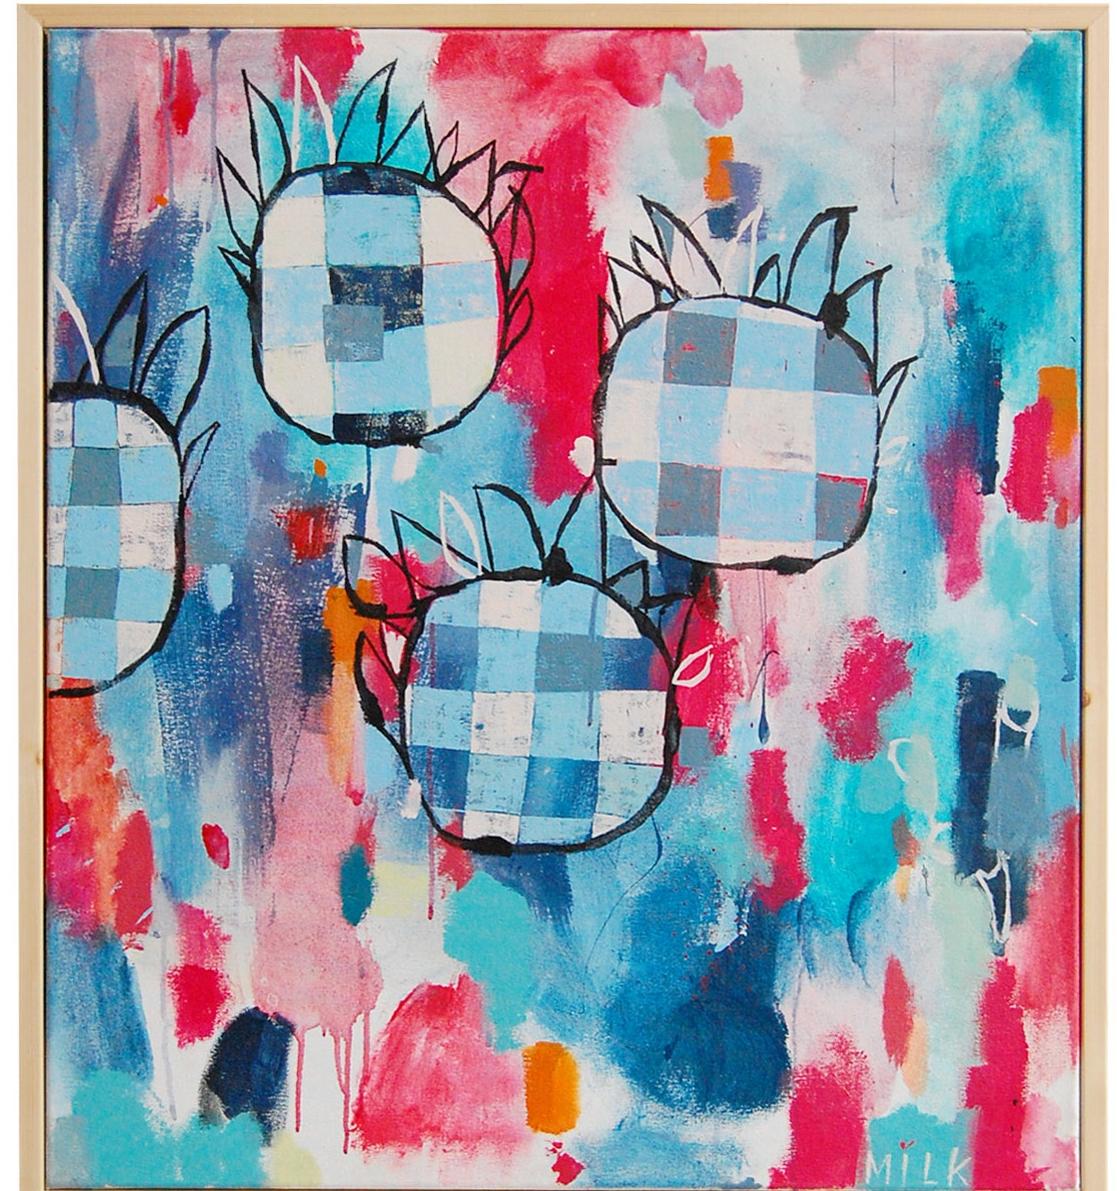 Indian Blanket Flowers, III, acrylic on canvas, 32x32